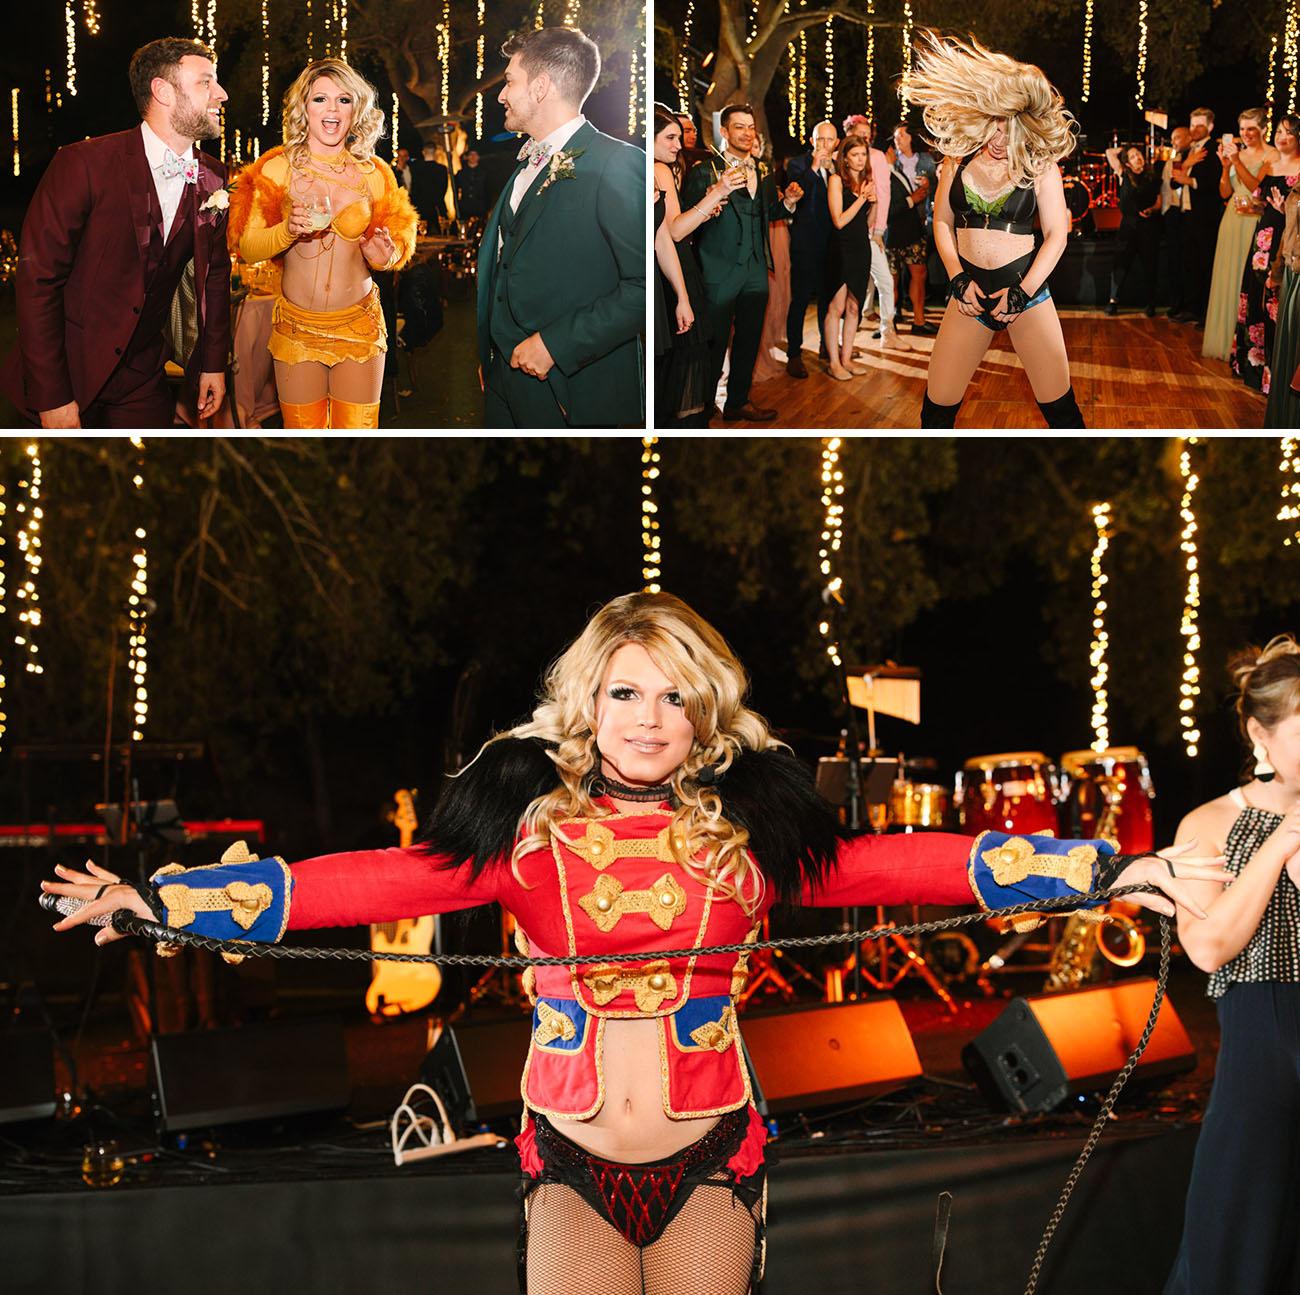 Britney Spears wedding dancer